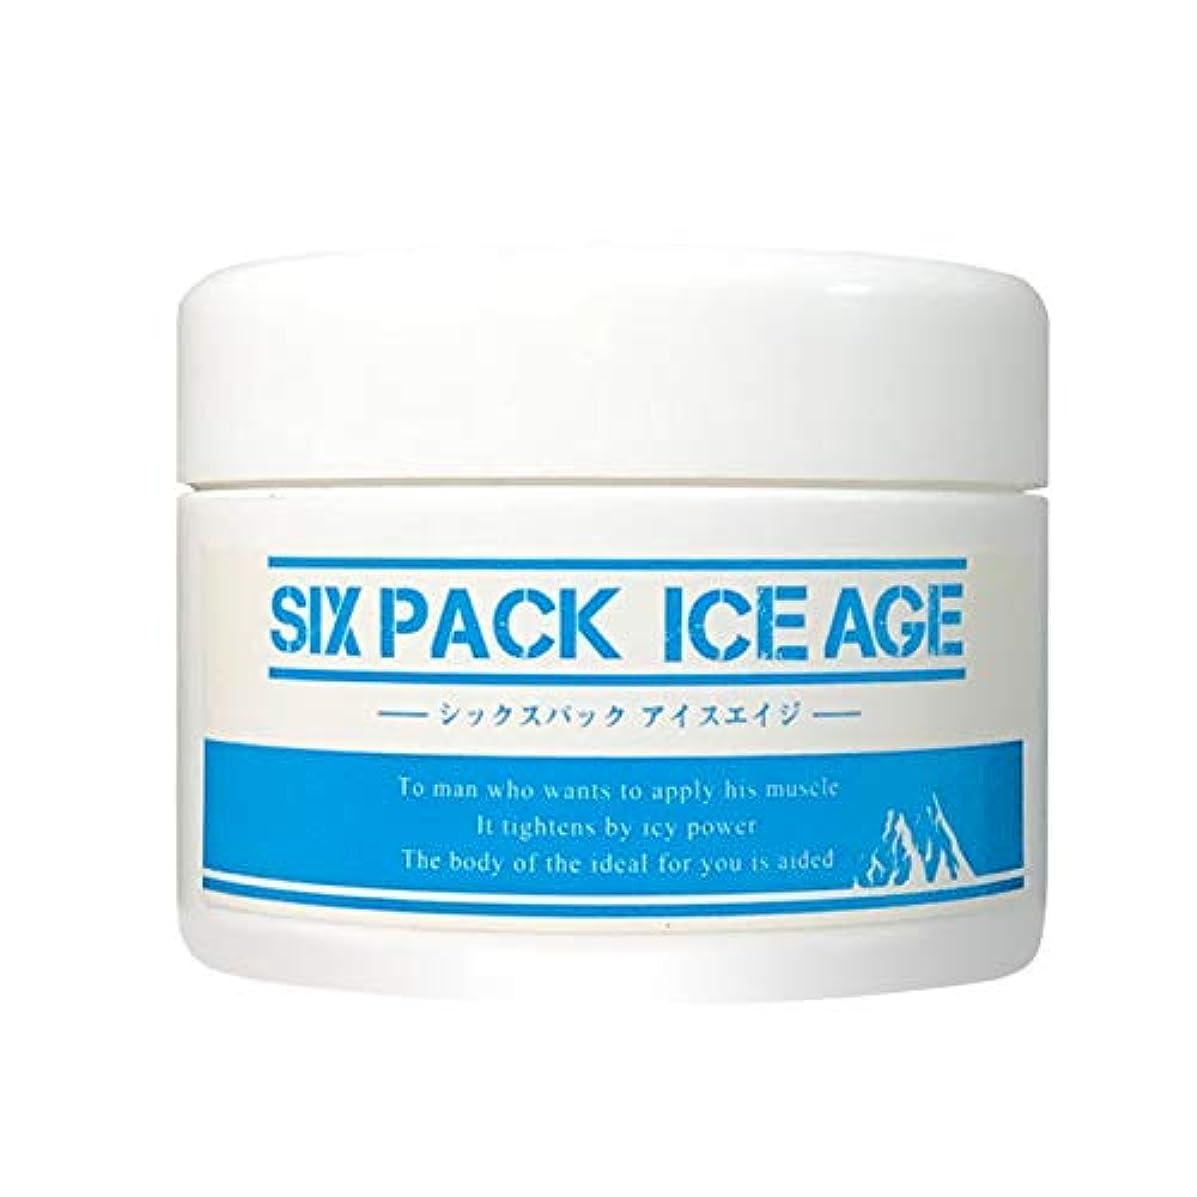 逮捕繁栄する用心SIX PACK ICE AGE (シックスパックアイスエイジ) 冷却 マッサージクリーム (日本製) クール素材 シックスパックアイスエイジ (内容量200g)